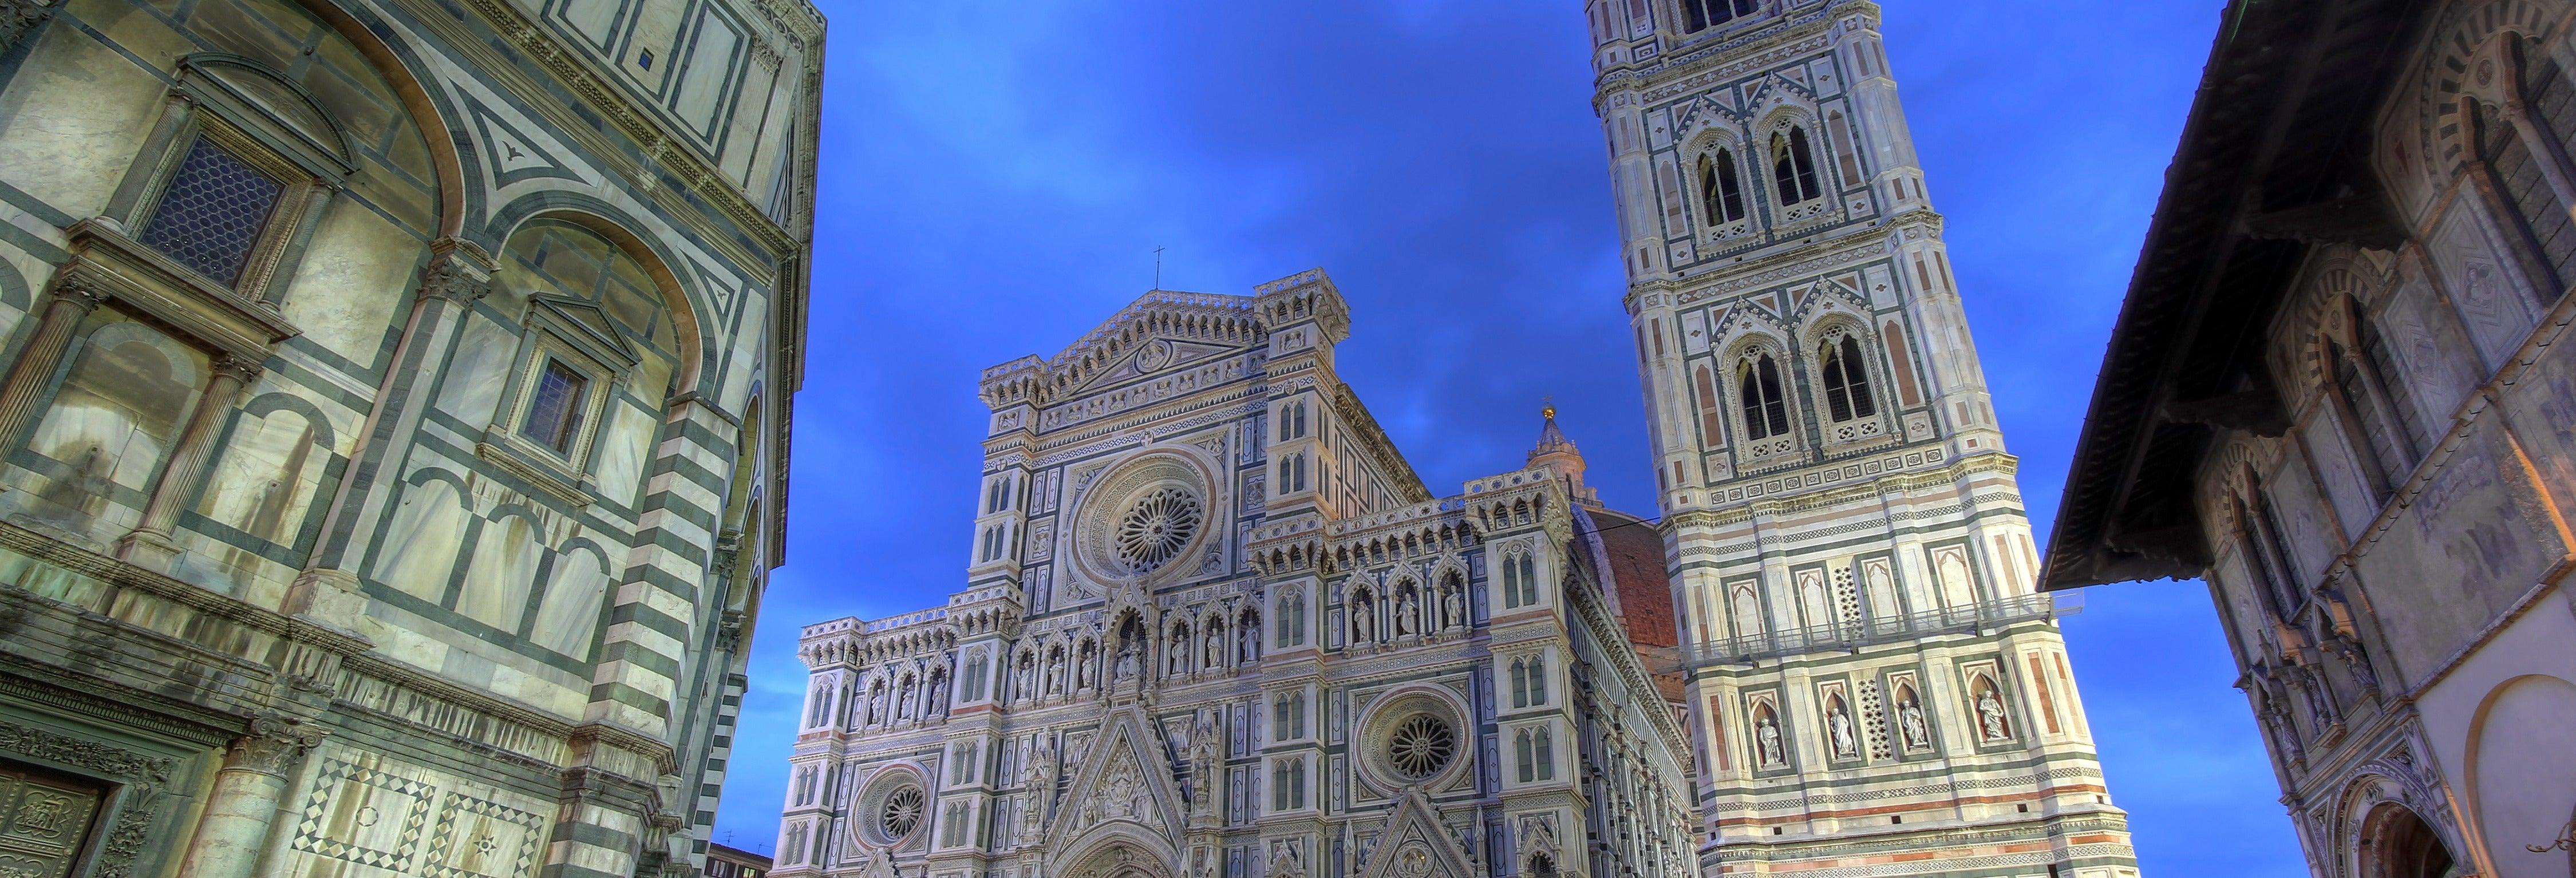 Tour de los misterios y leyendas de Florencia